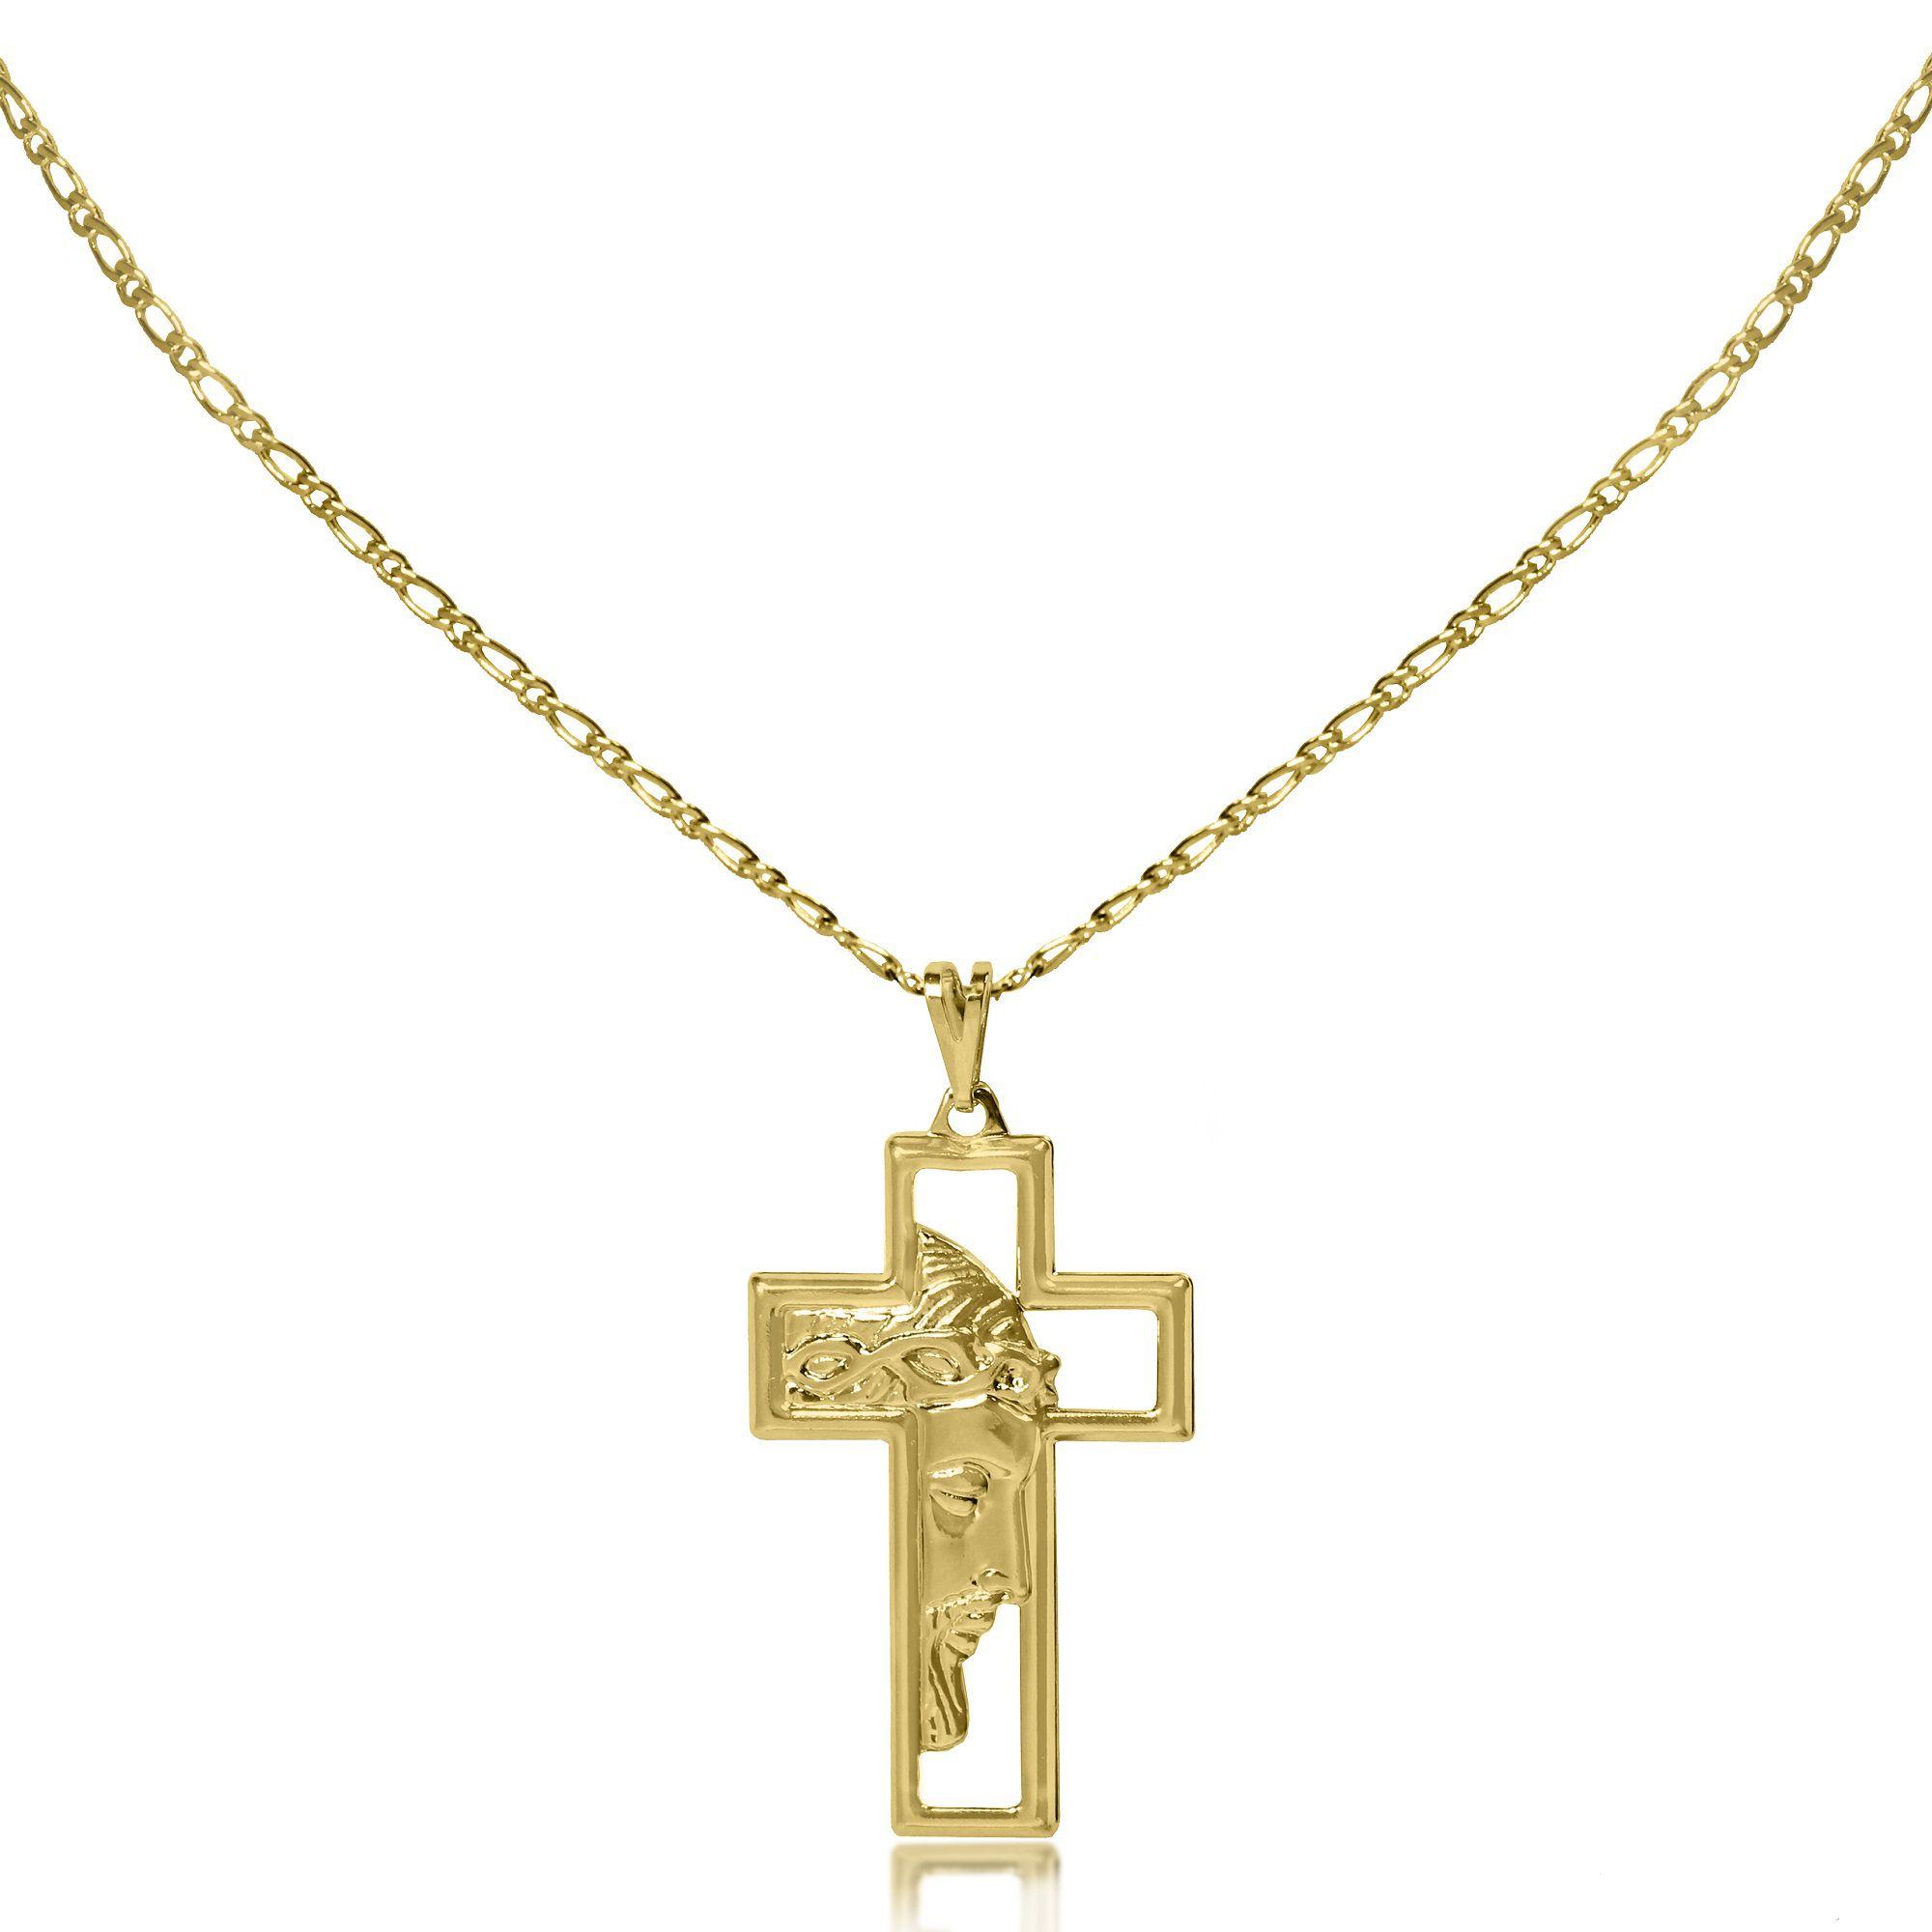 Corrente Masculina Cruz Jesus Vazado Folheado a Ouro 18k